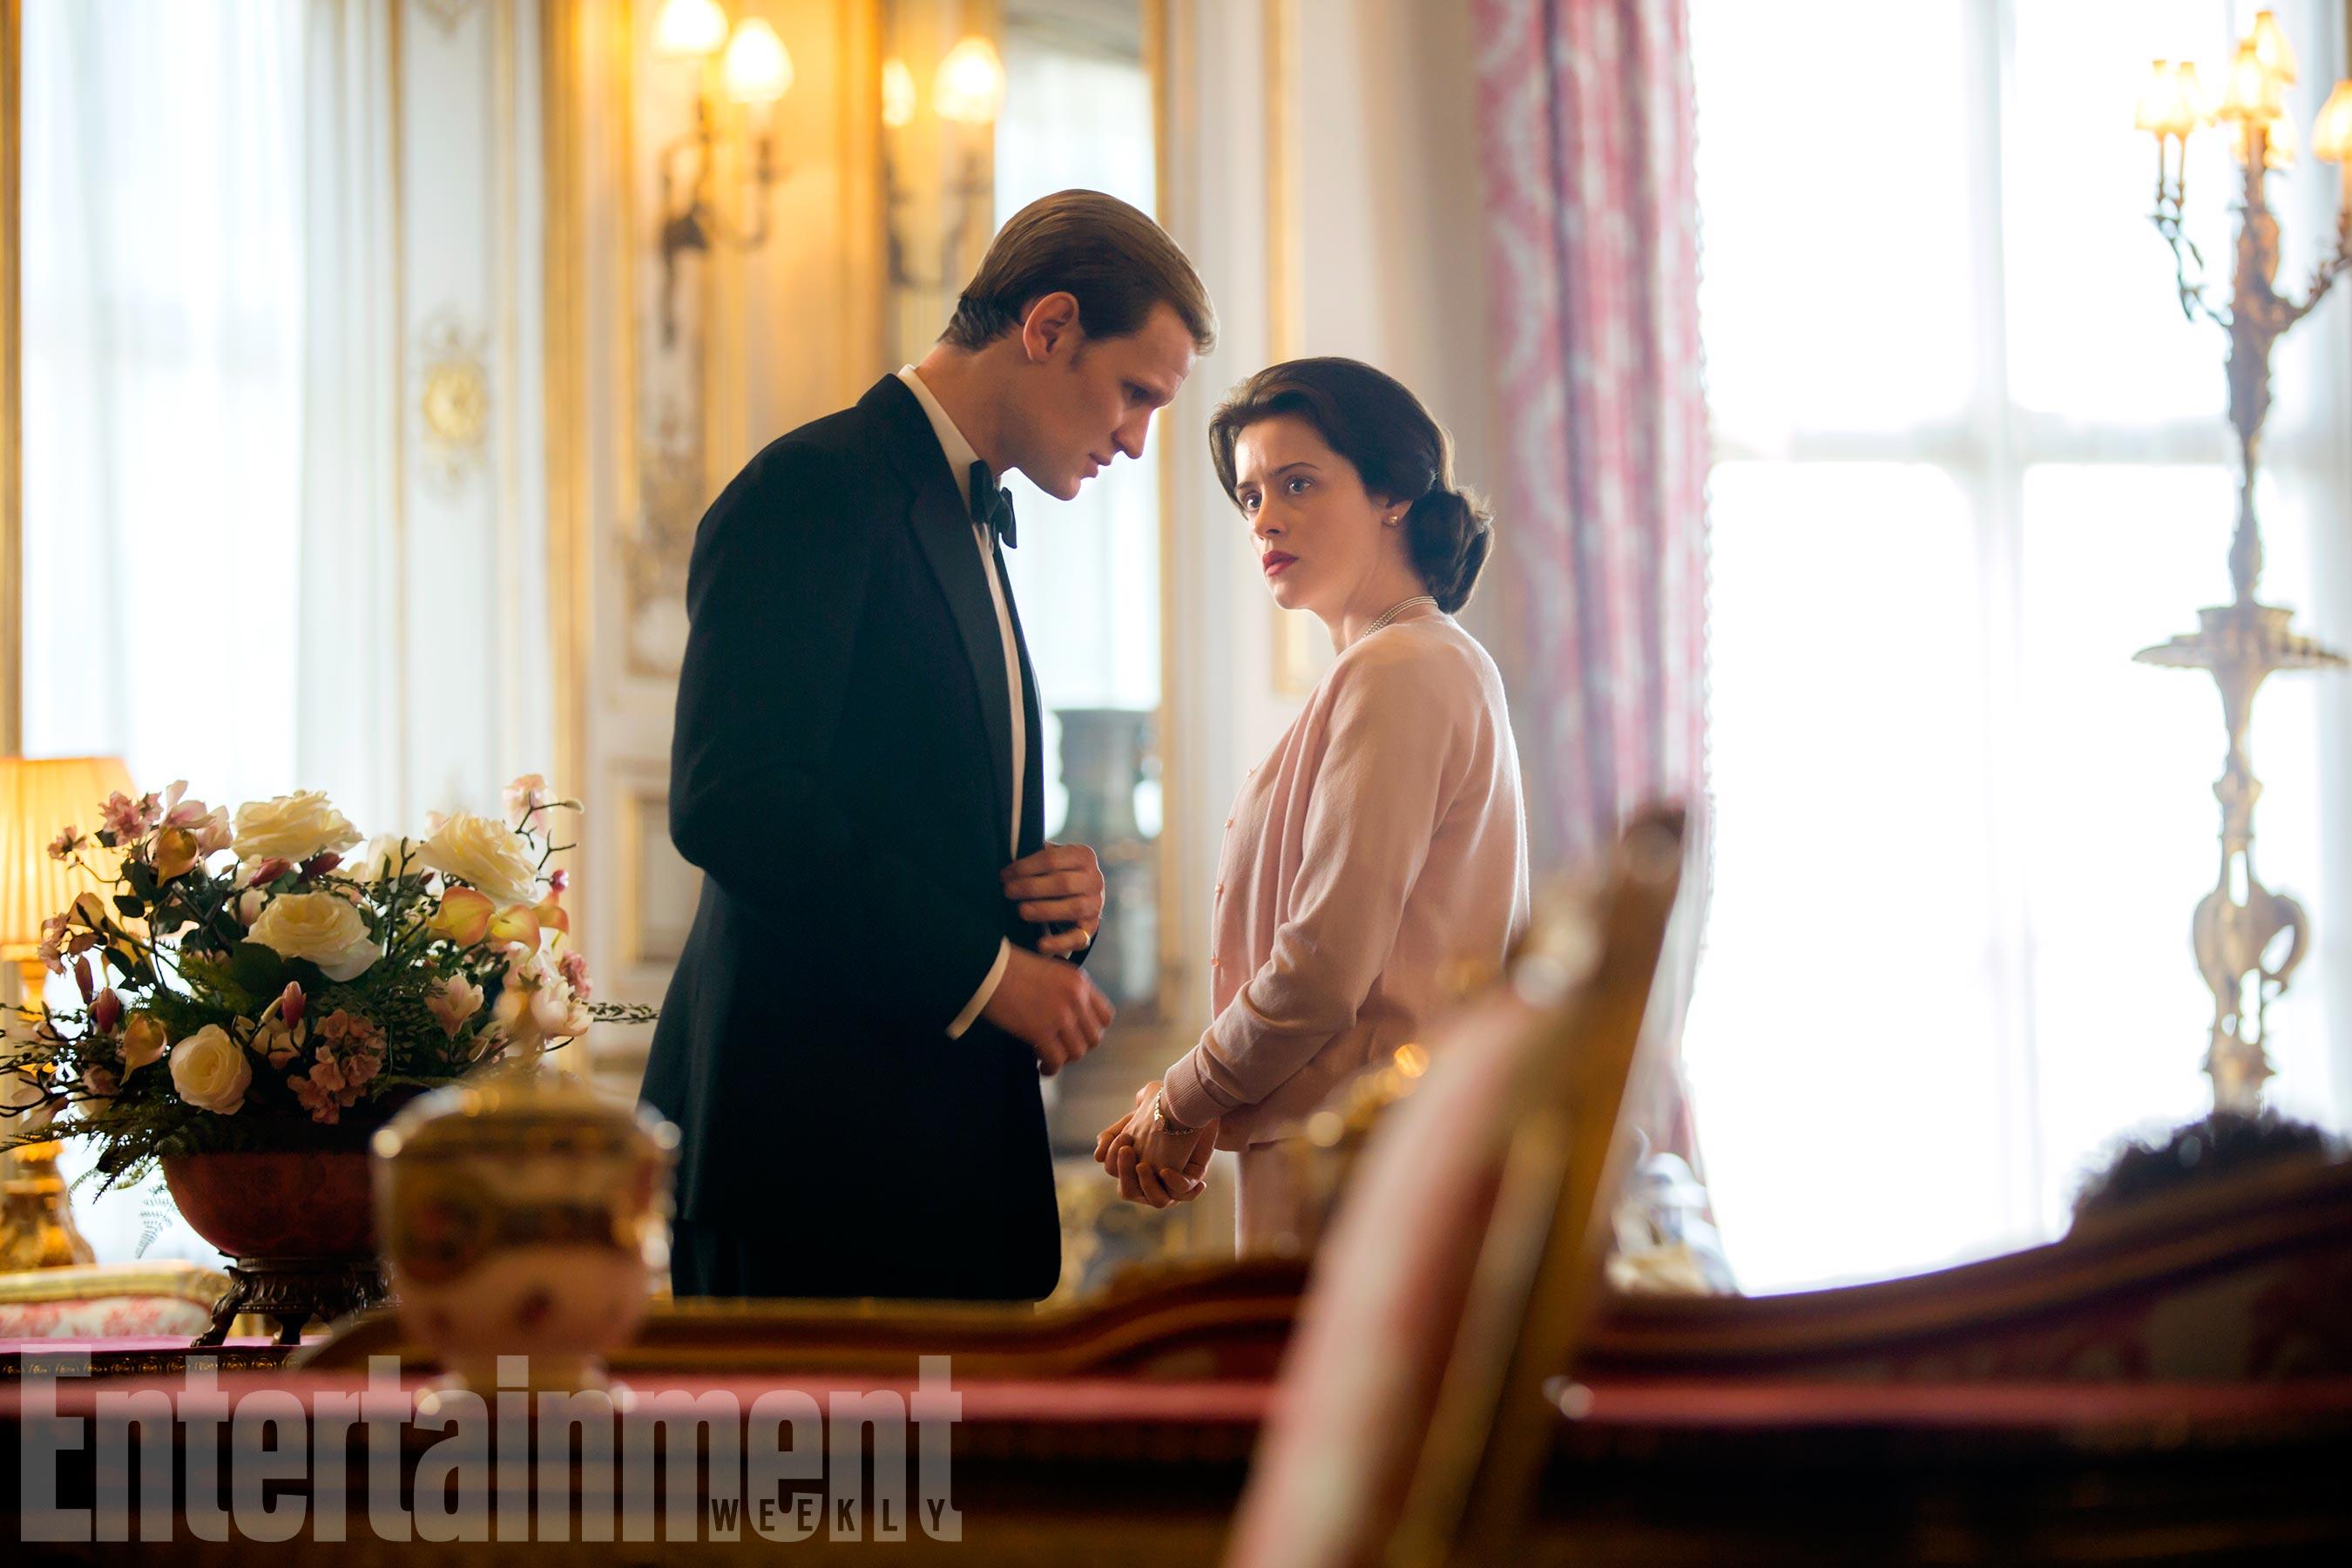 Crédito: Reprodução/Entertainment Weekly